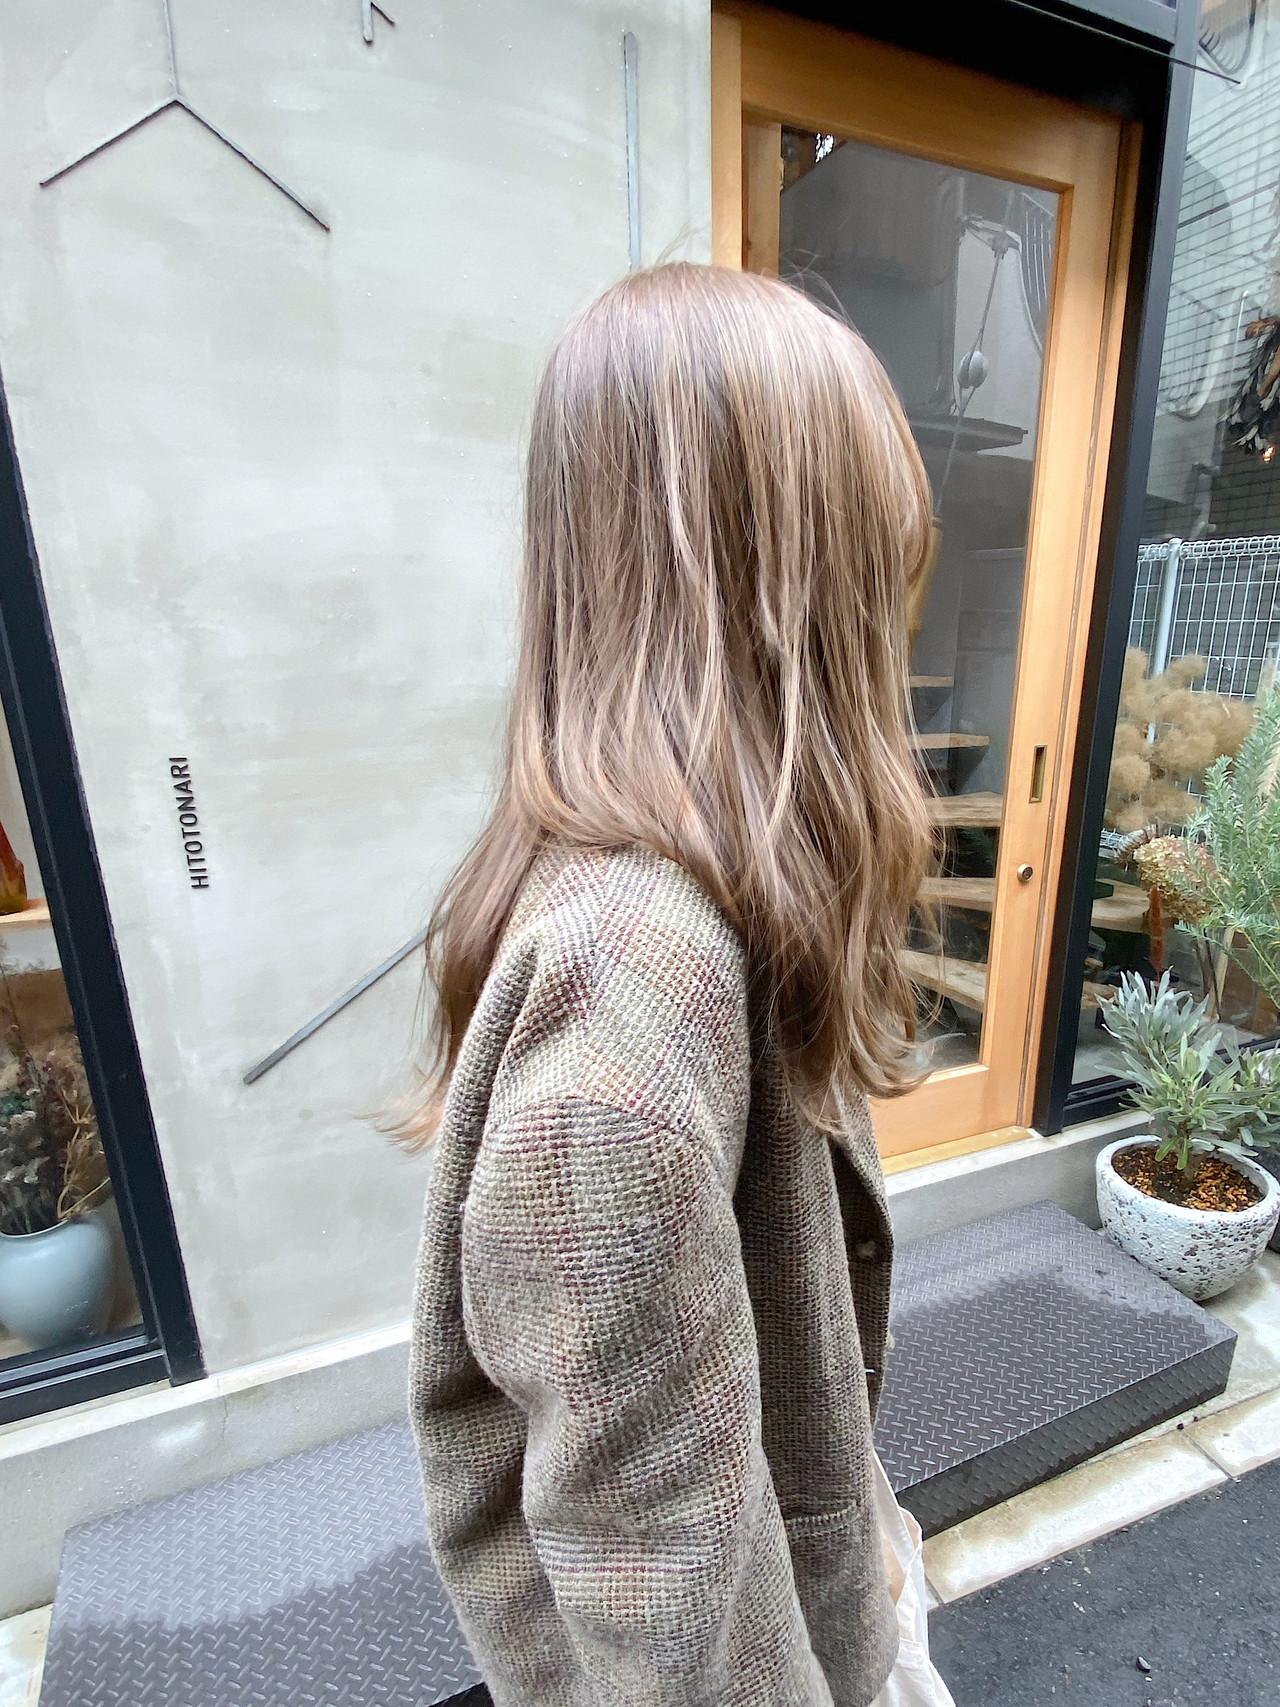 透明感 くすみベージュ アンニュイほつれヘア 透明感カラー ヘアスタイルや髪型の写真・画像 | 冨永 真太郎 / 人トナリ